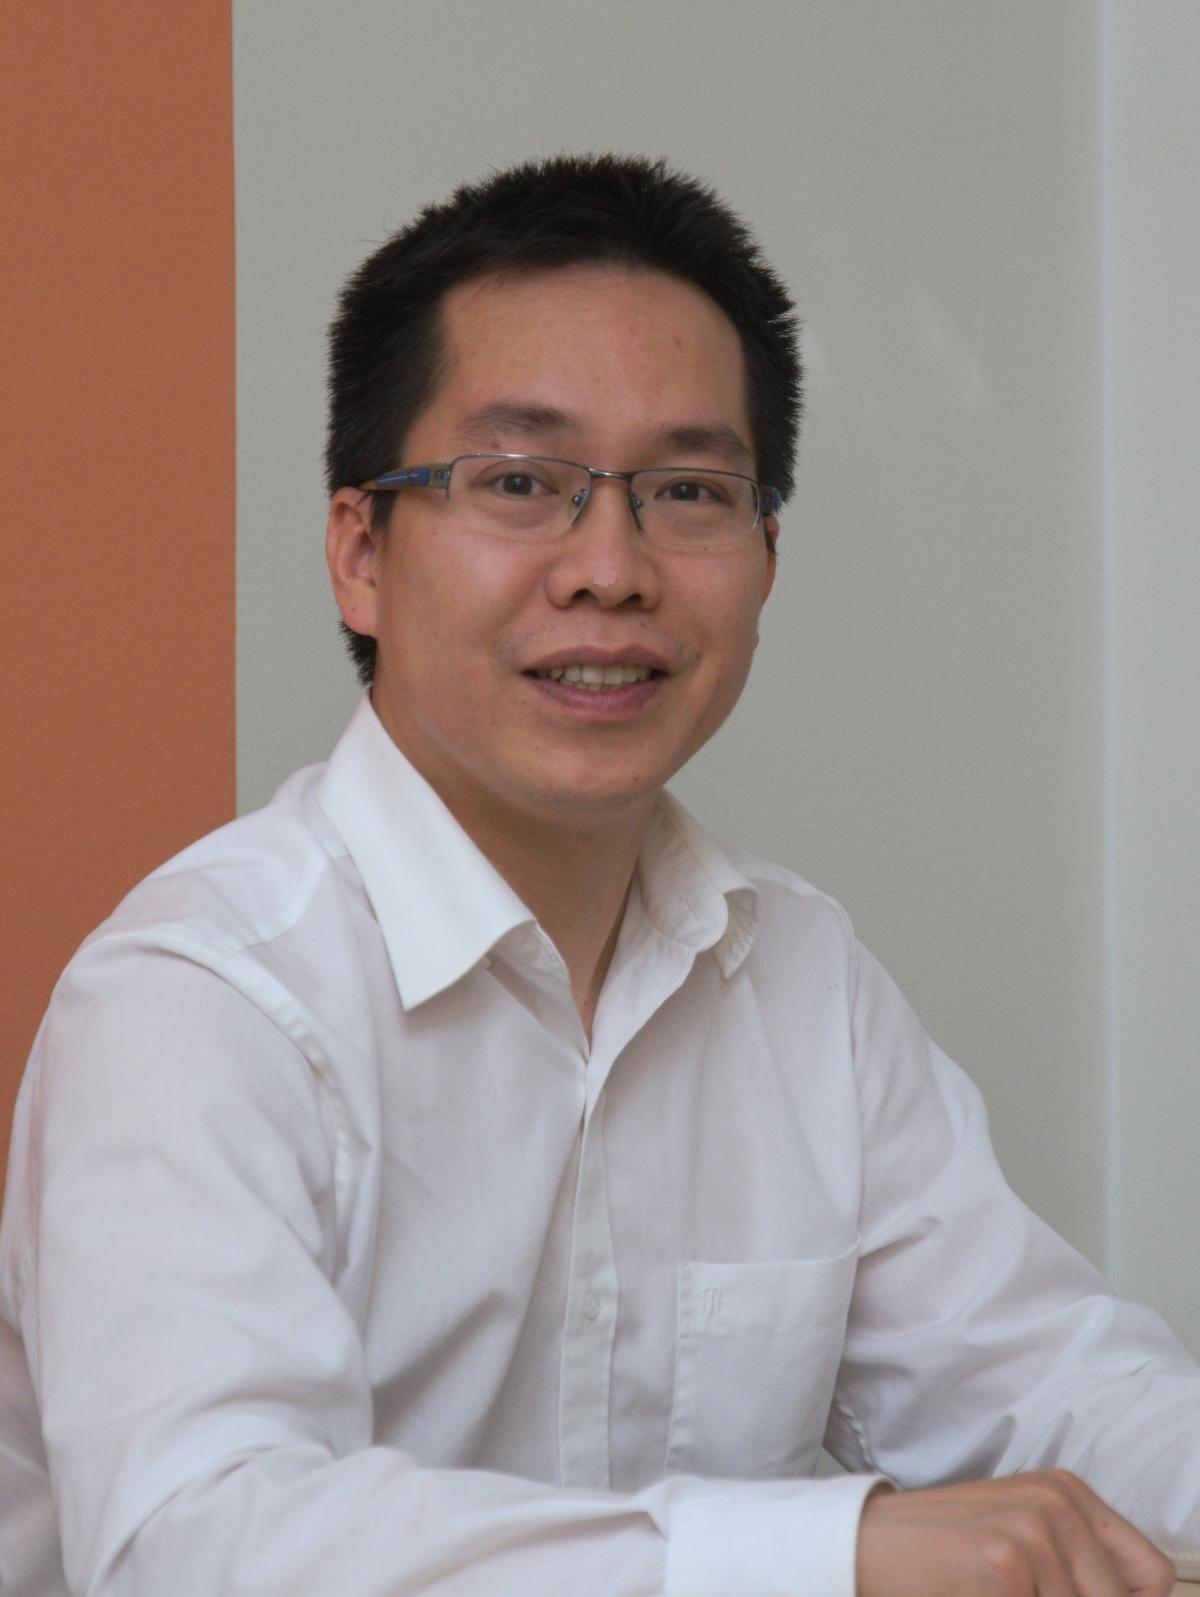 Tiến sỹ Nguyễn Thành Đồng